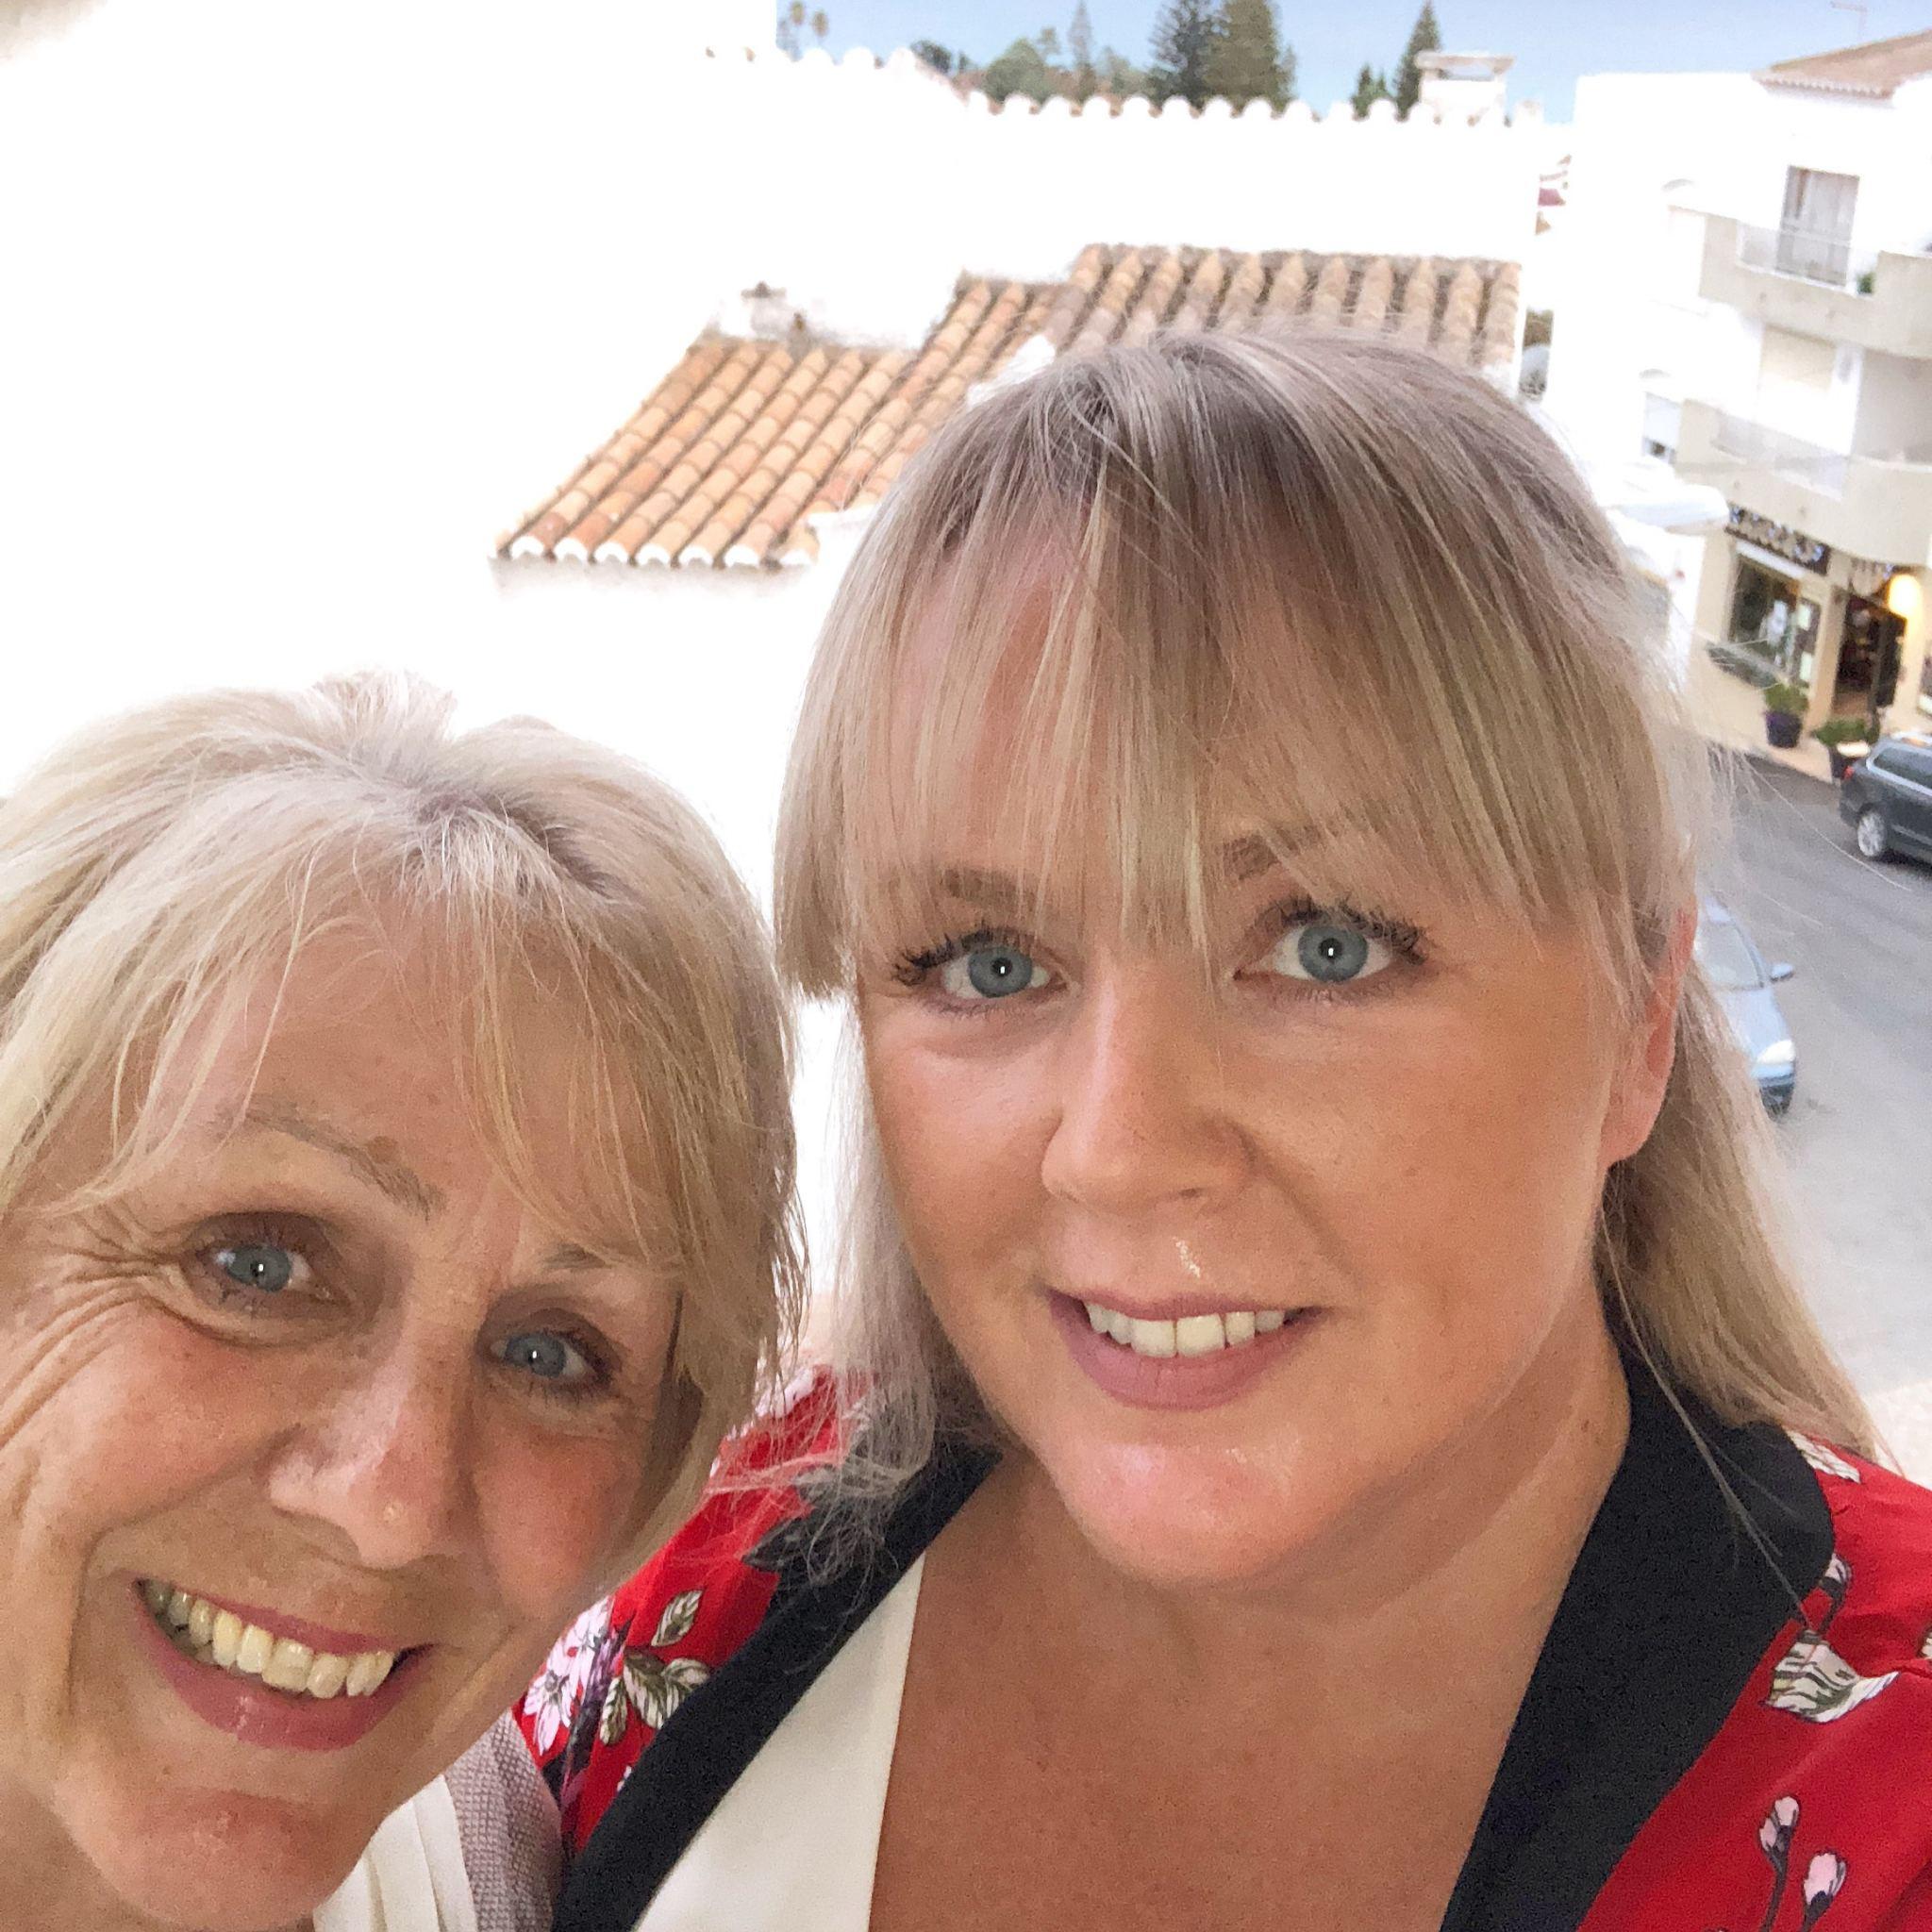 me and mum short break in Luz, the algarve